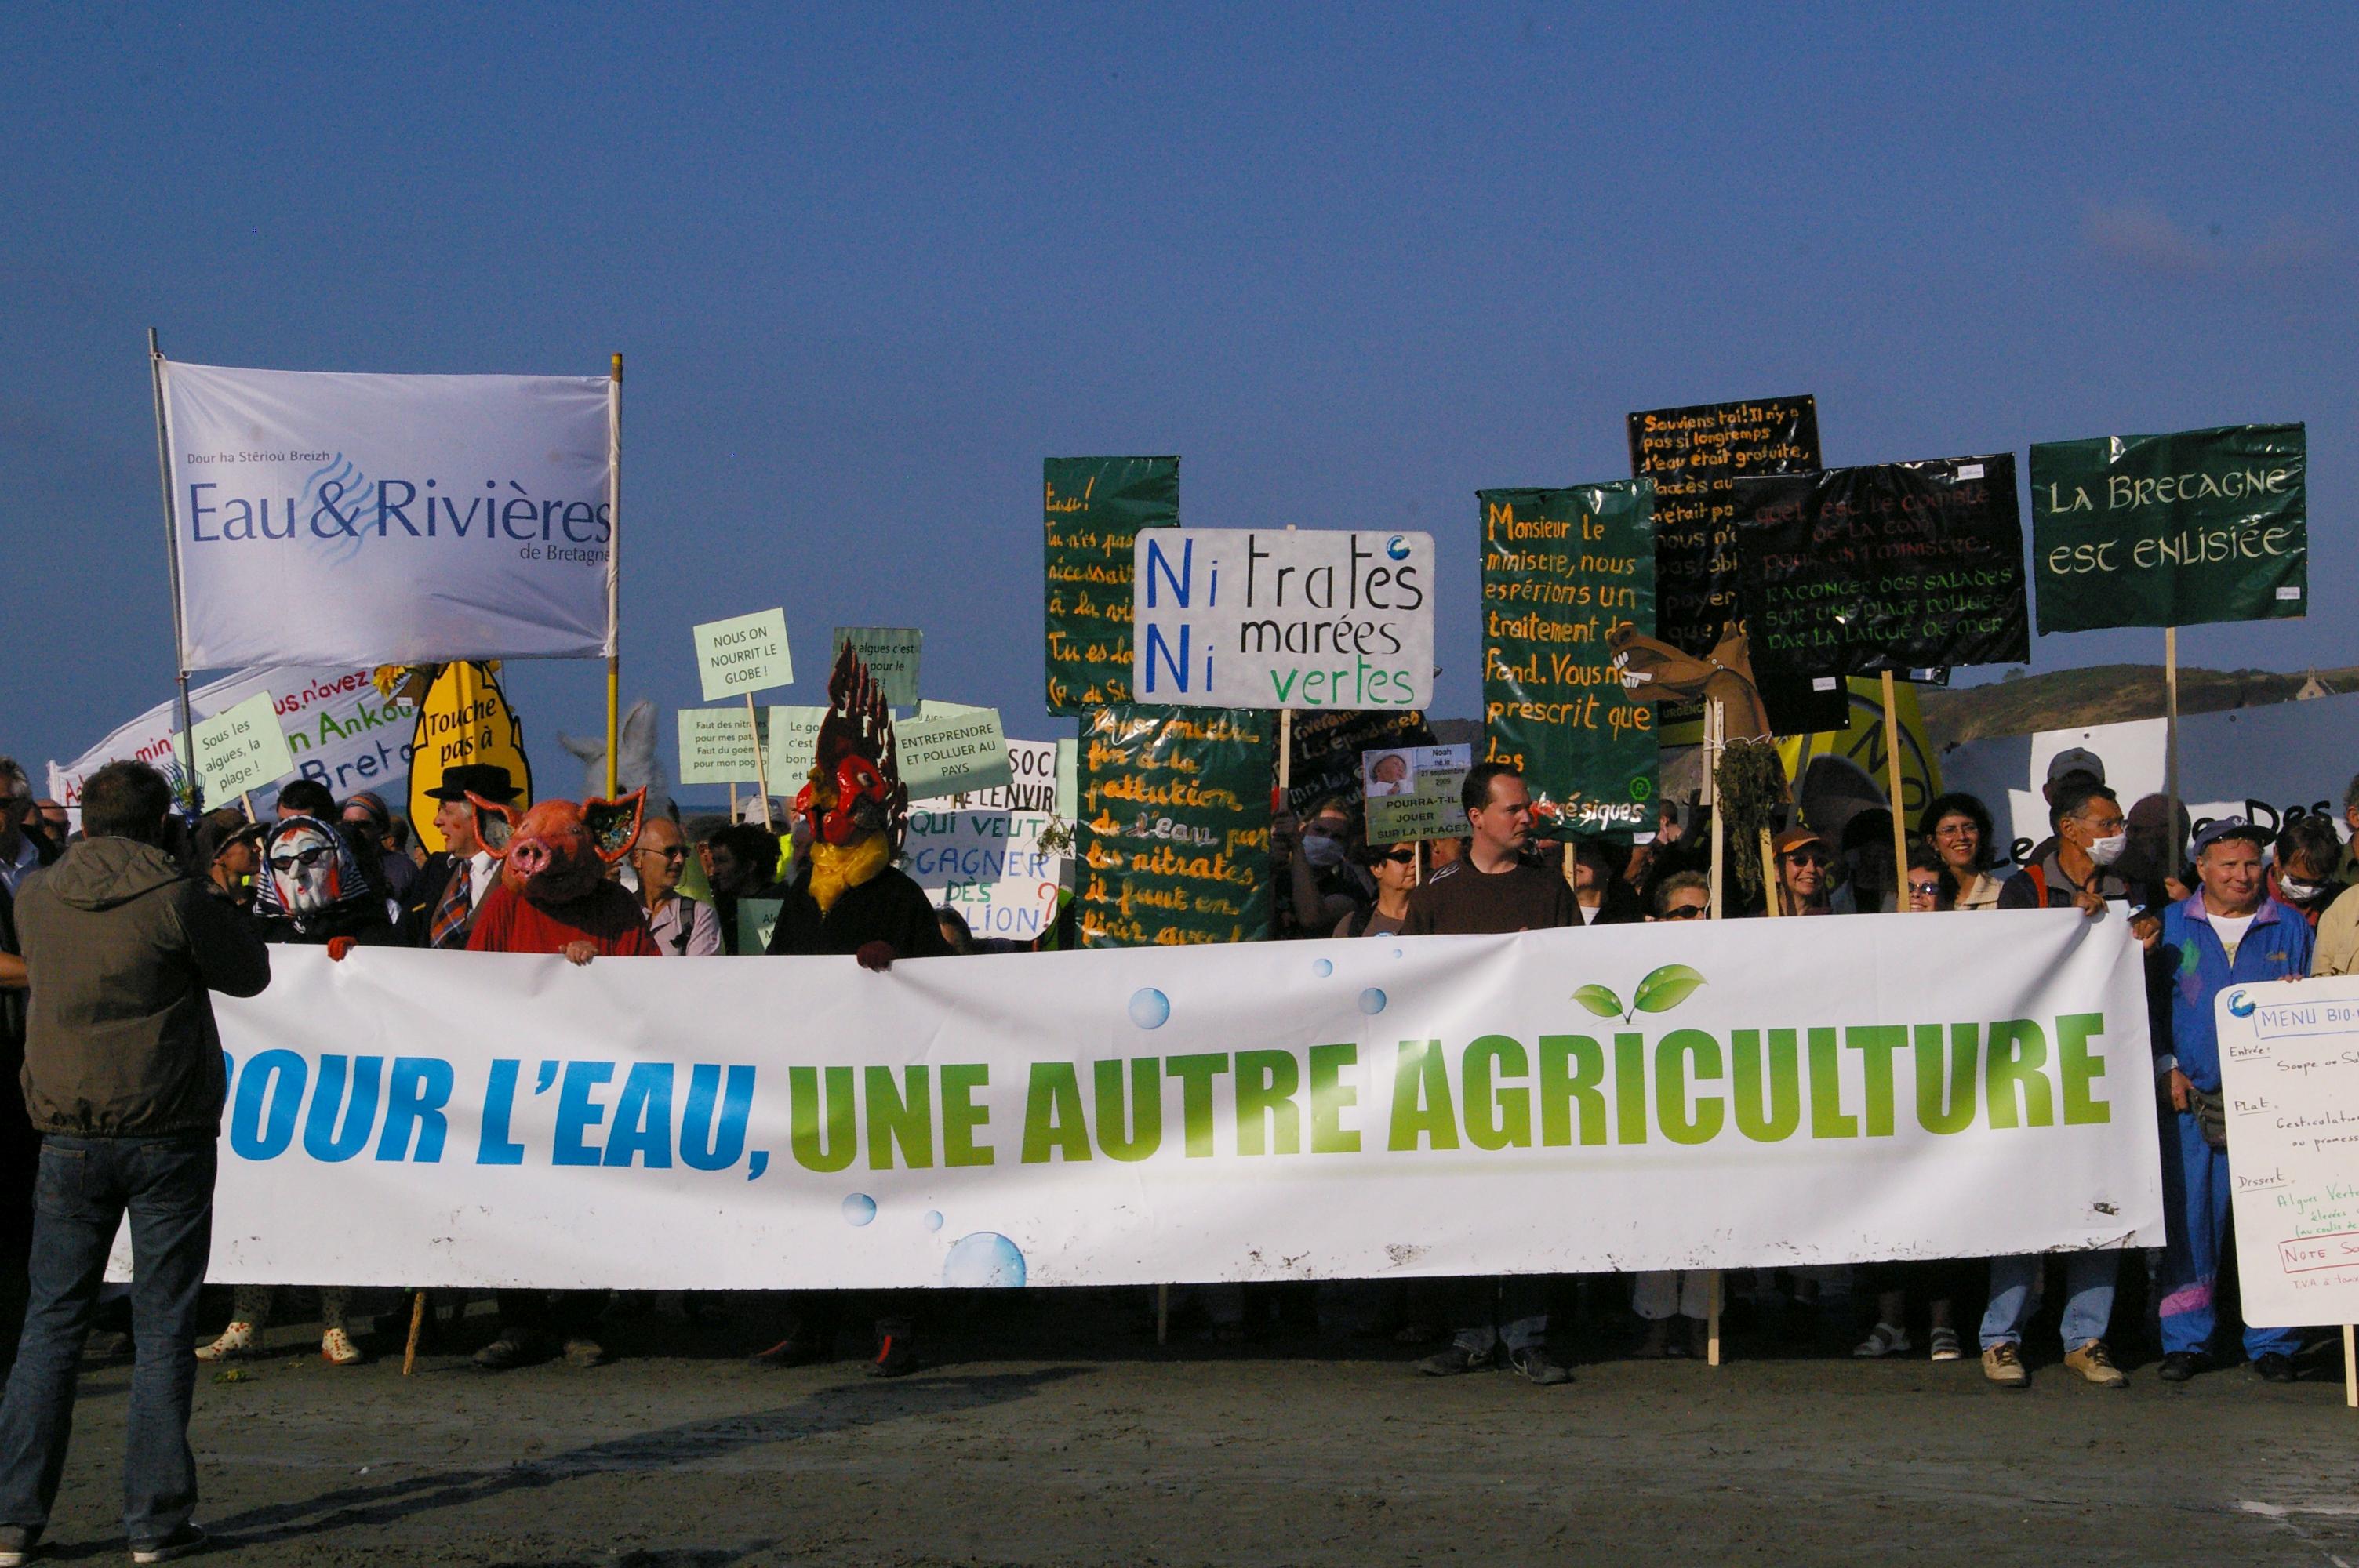 Manifestation contre l'inefficacité des mesures contre les marées vertes, à Hillion, dans la baie de Saint-Brieuc, 27 septembre 2009.